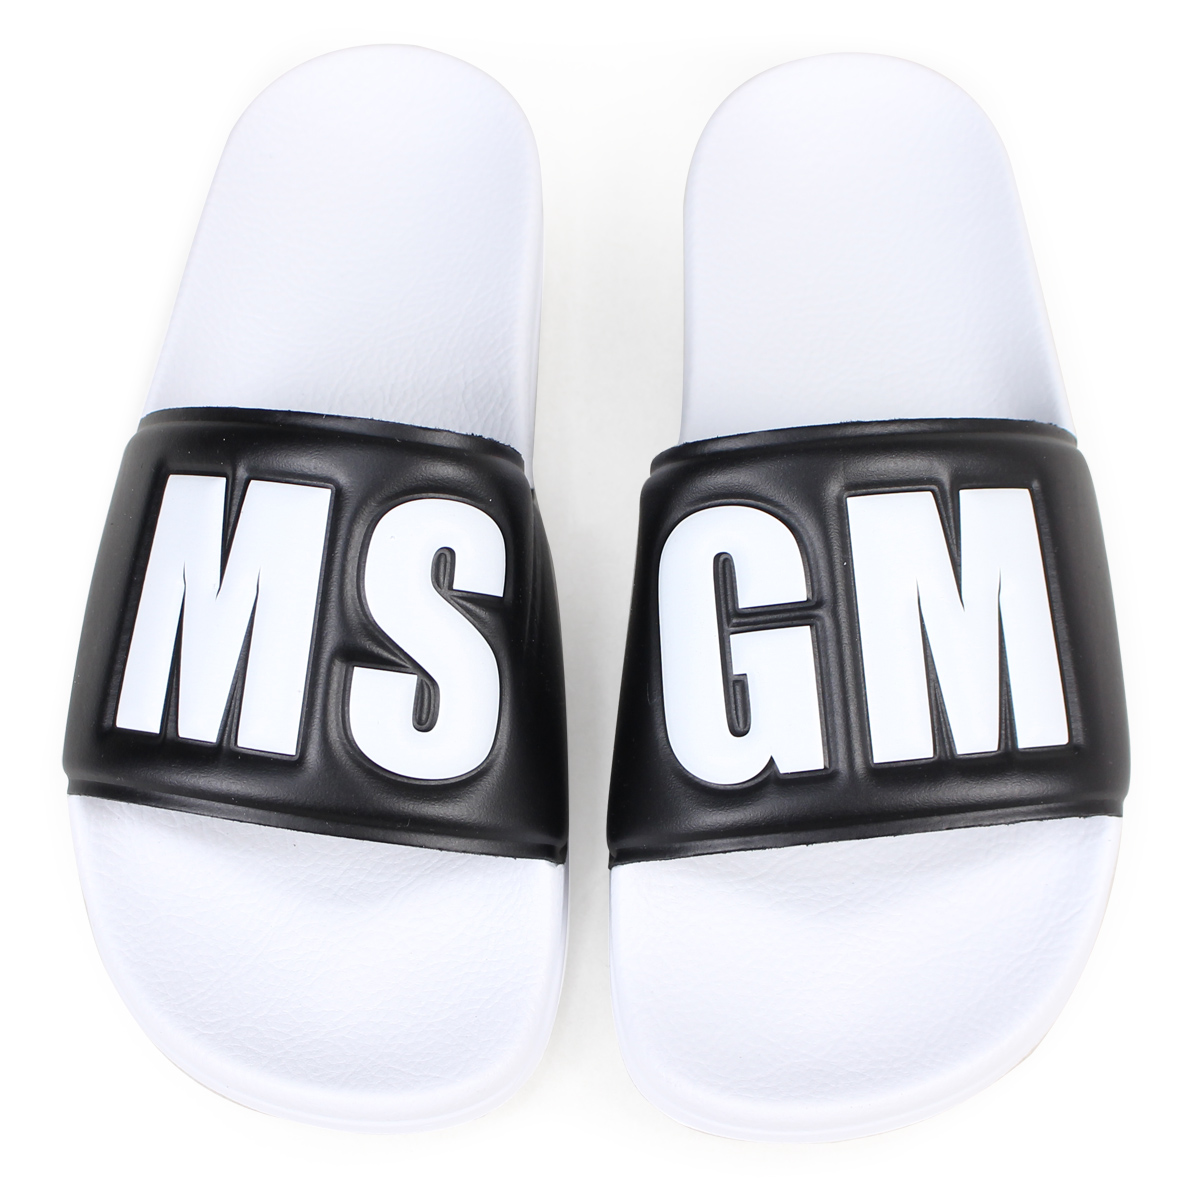 MSGM POOL SLIDE CON LOGO サンダル レディース エムエスジーエム シャワーサンダル 2441MDS200 001 ホワイト